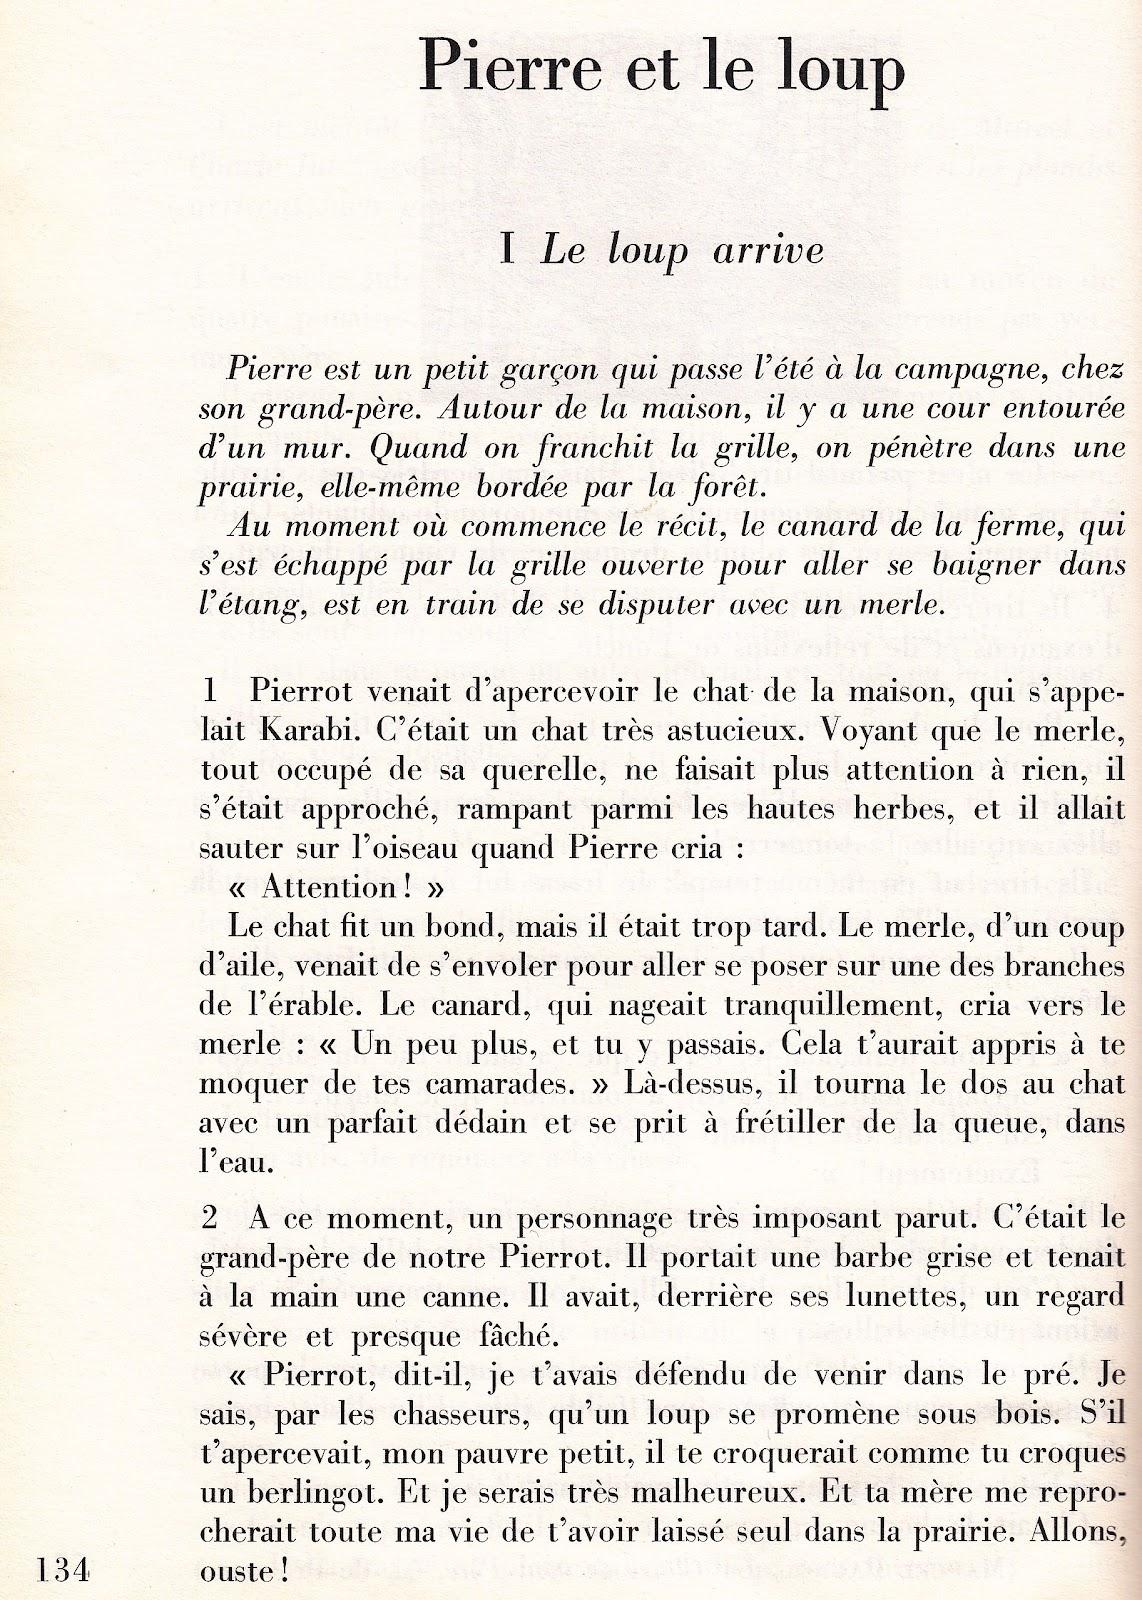 Pierre Et Le Loup Texte : pierre, texte, école, Références:, GEORGES, DUHAMEL, Pierre